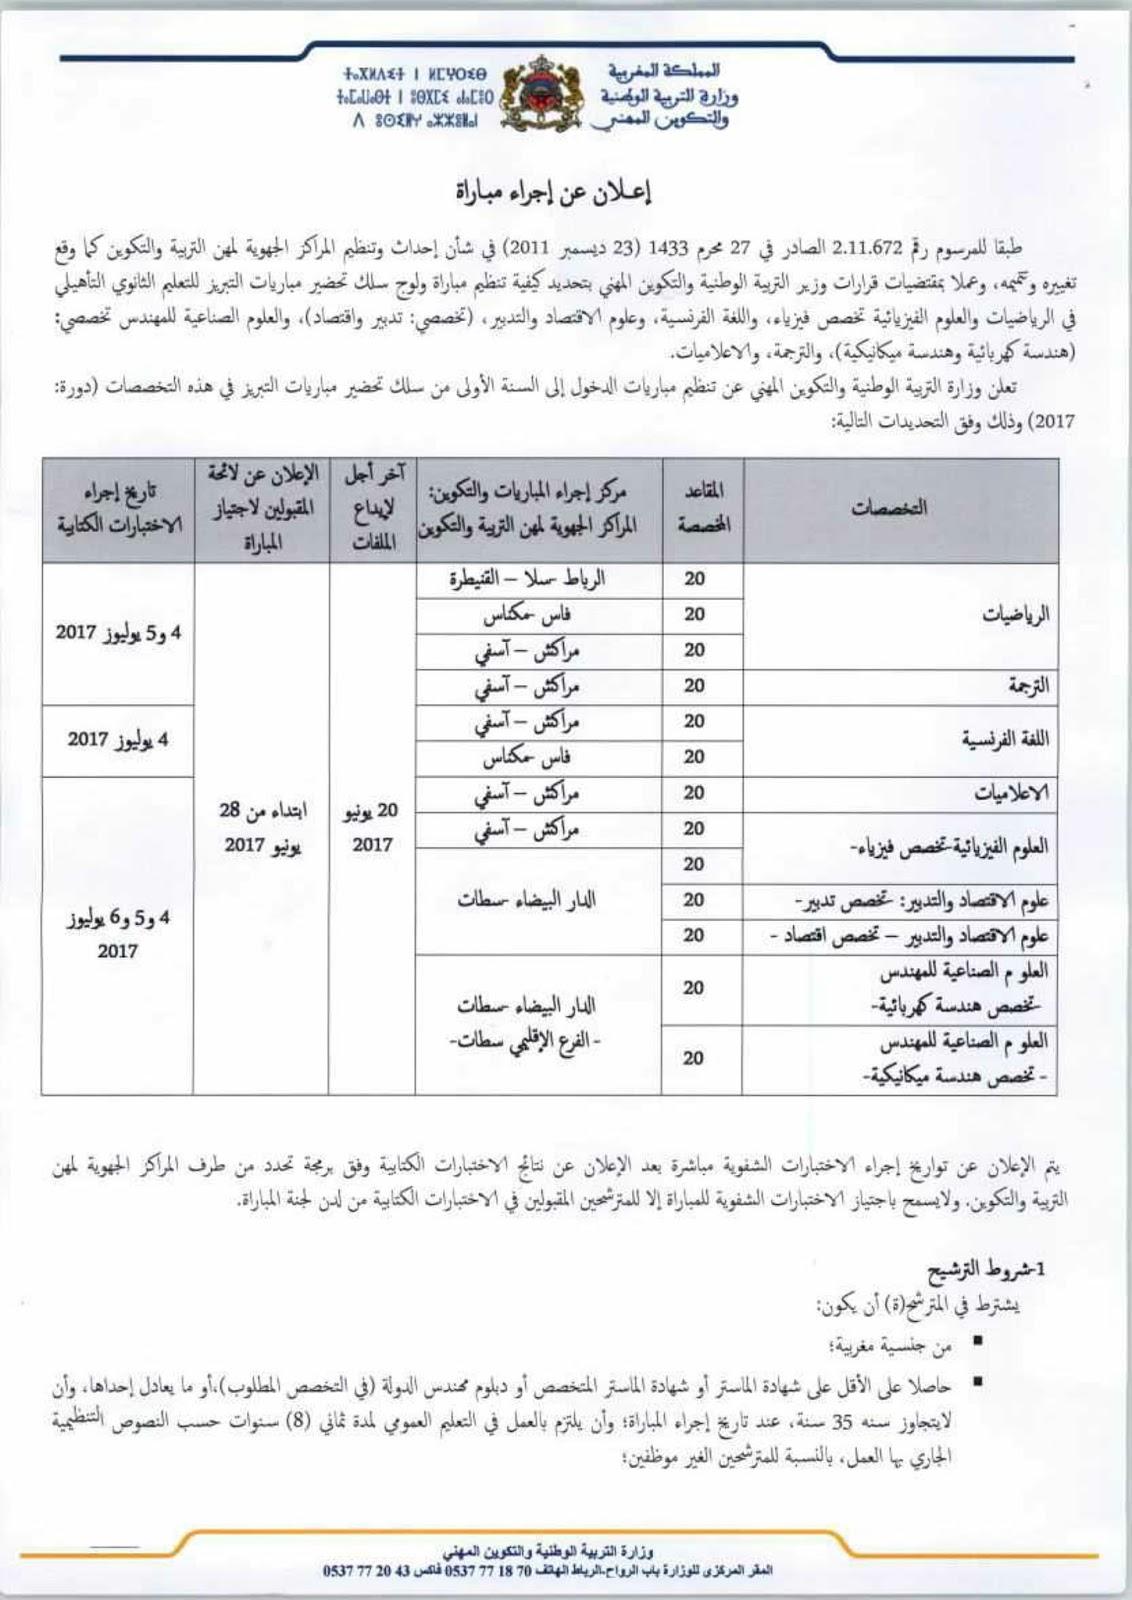 وزارة التربية الوطنية: مباريات توظيف 260 أستاذا مبرزا للتعليم الثانوي التأهيلي؛ آخر أجل هو 20 يونيو 2017